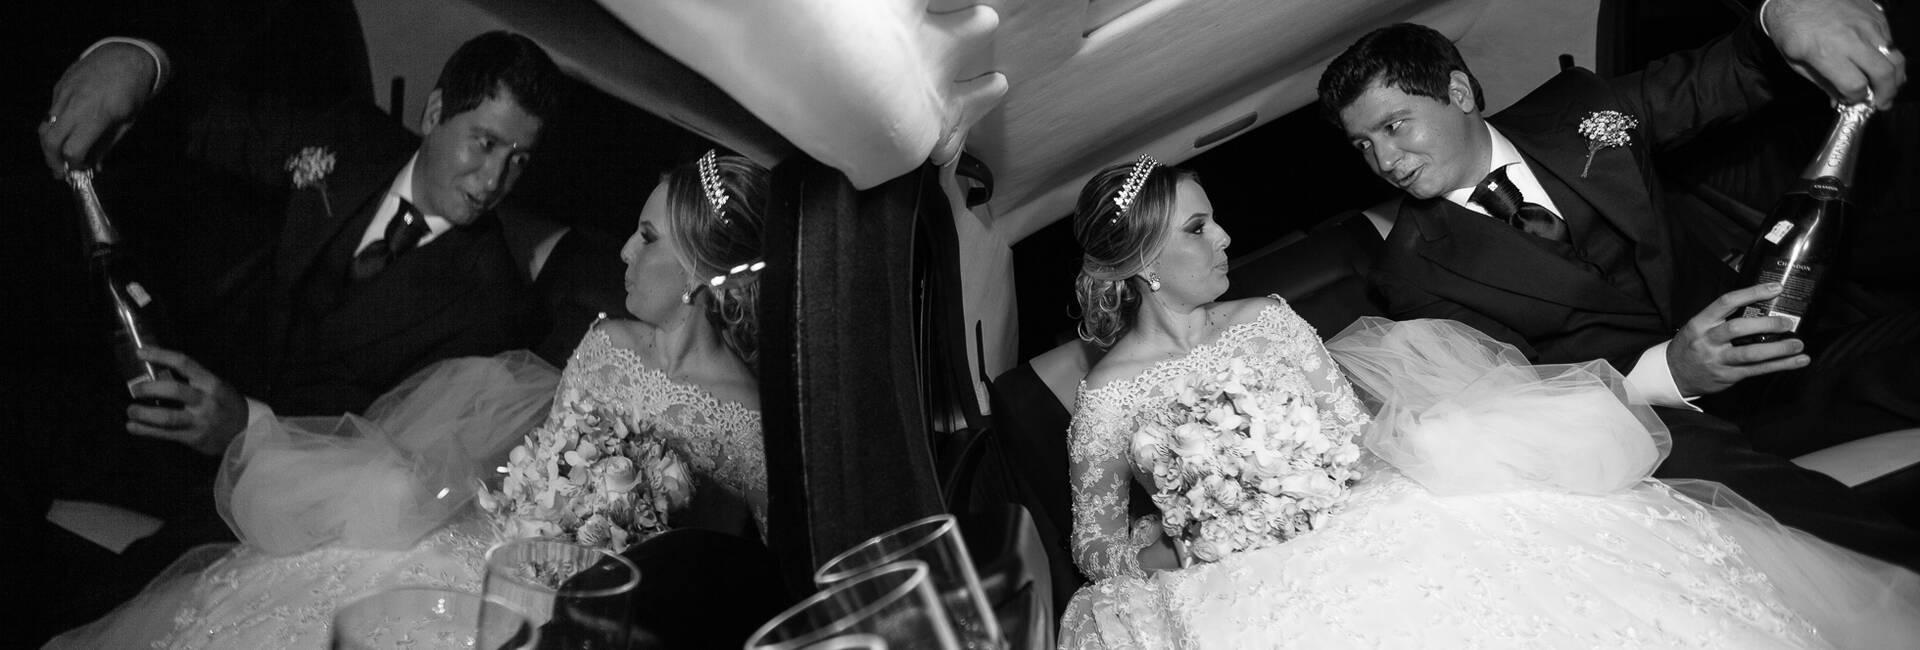 Casamento de Janaína & Vinicius